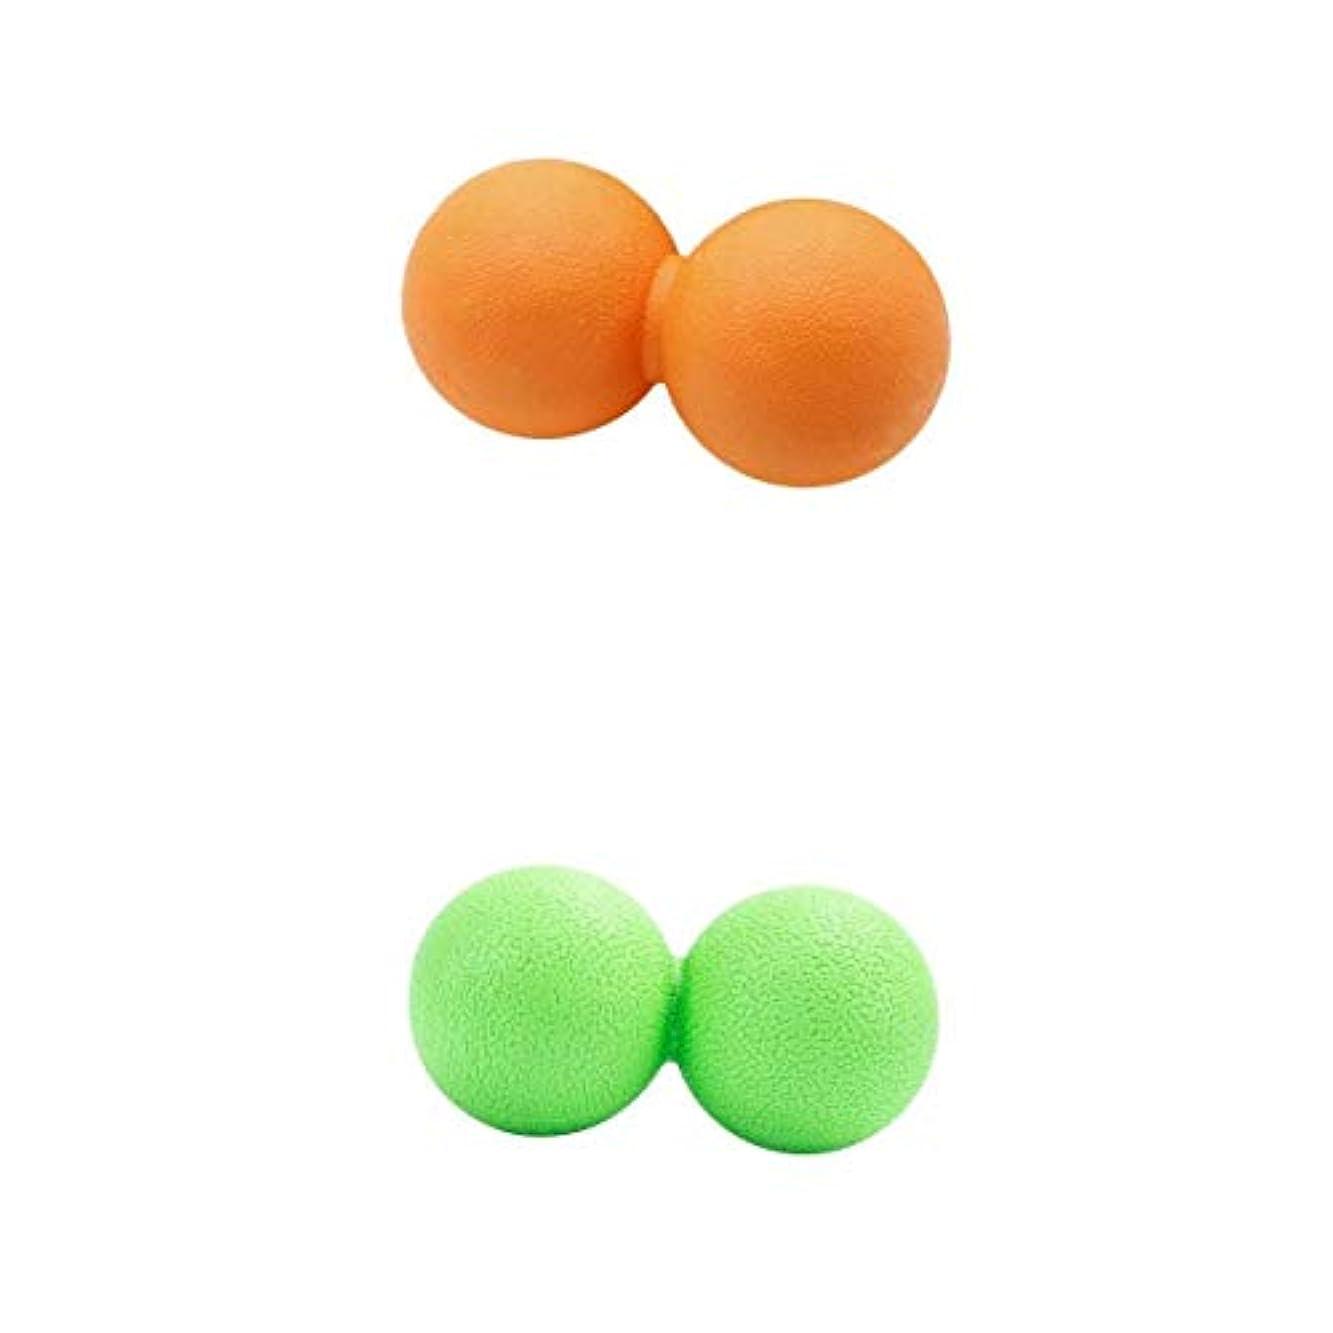 登録する商品巨大Fenteer マッサージボール ピーナッツ型 筋膜リリース トリガーポイント ツボ押しグッズ 2個入